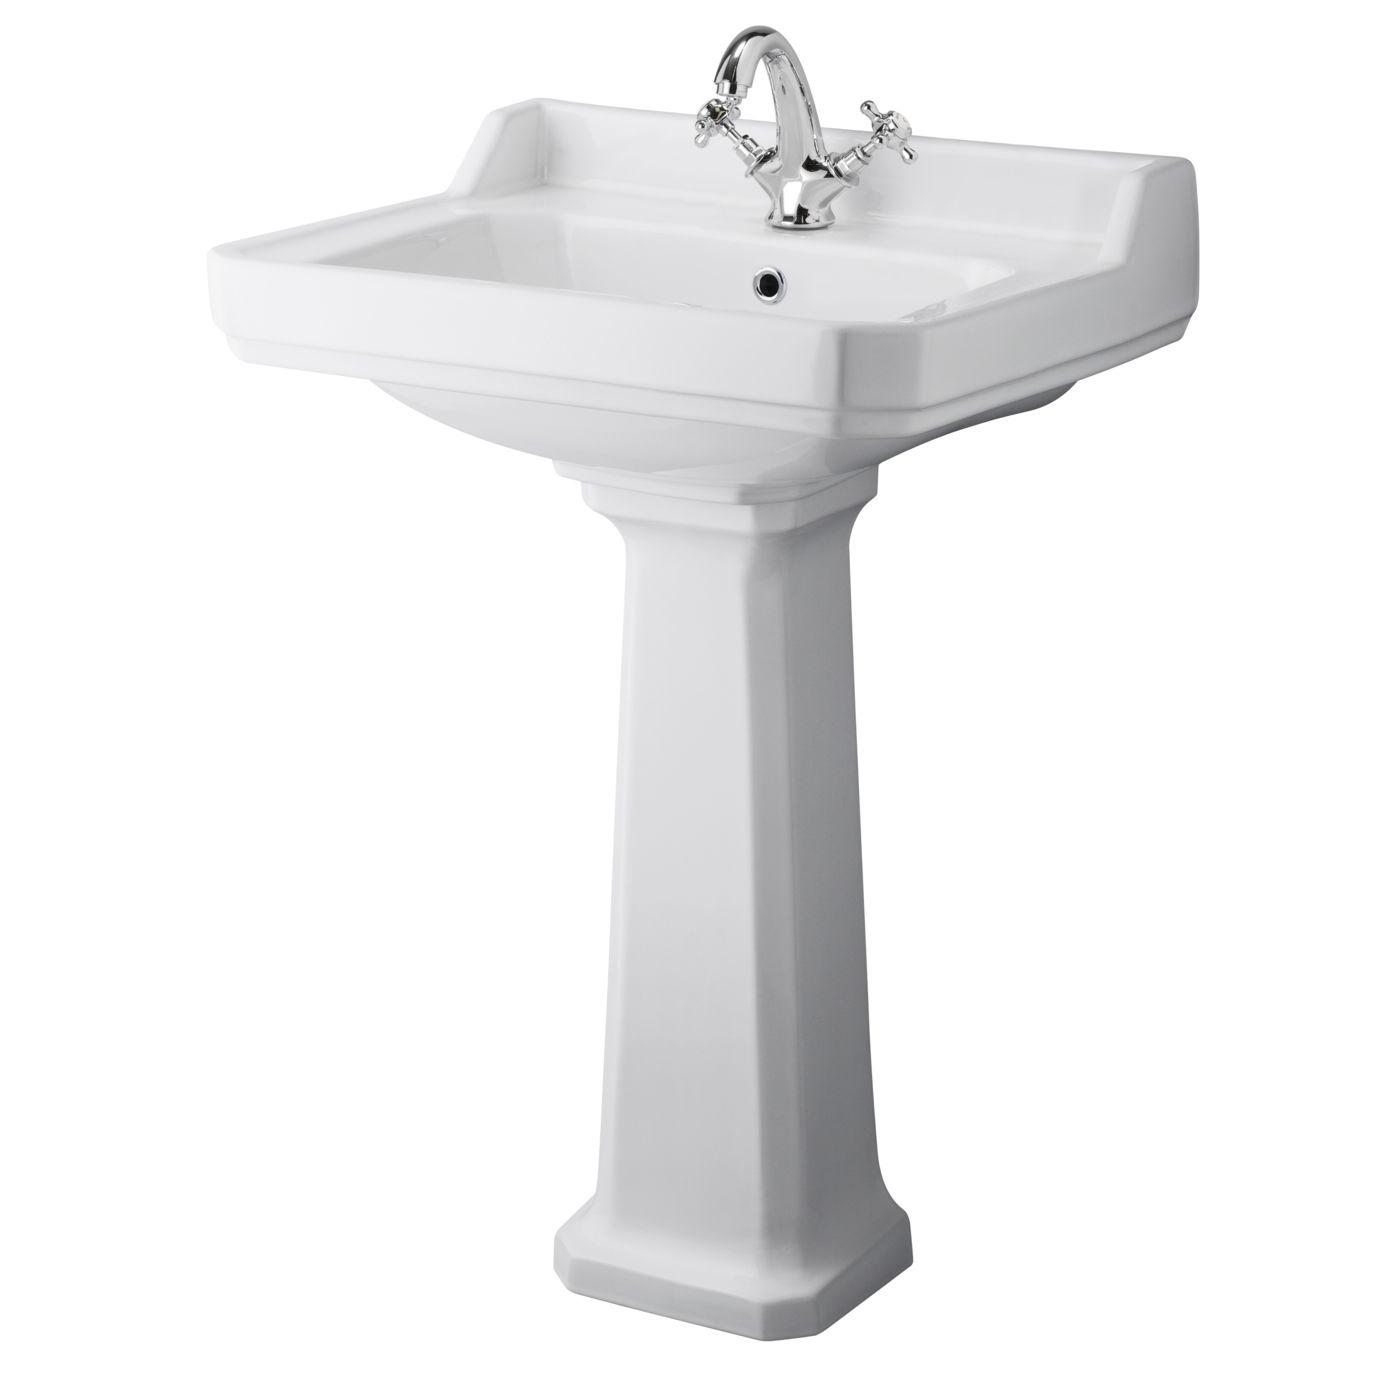 Waschtisch Im Retrostil Traditional Bathrooms Nostalgie